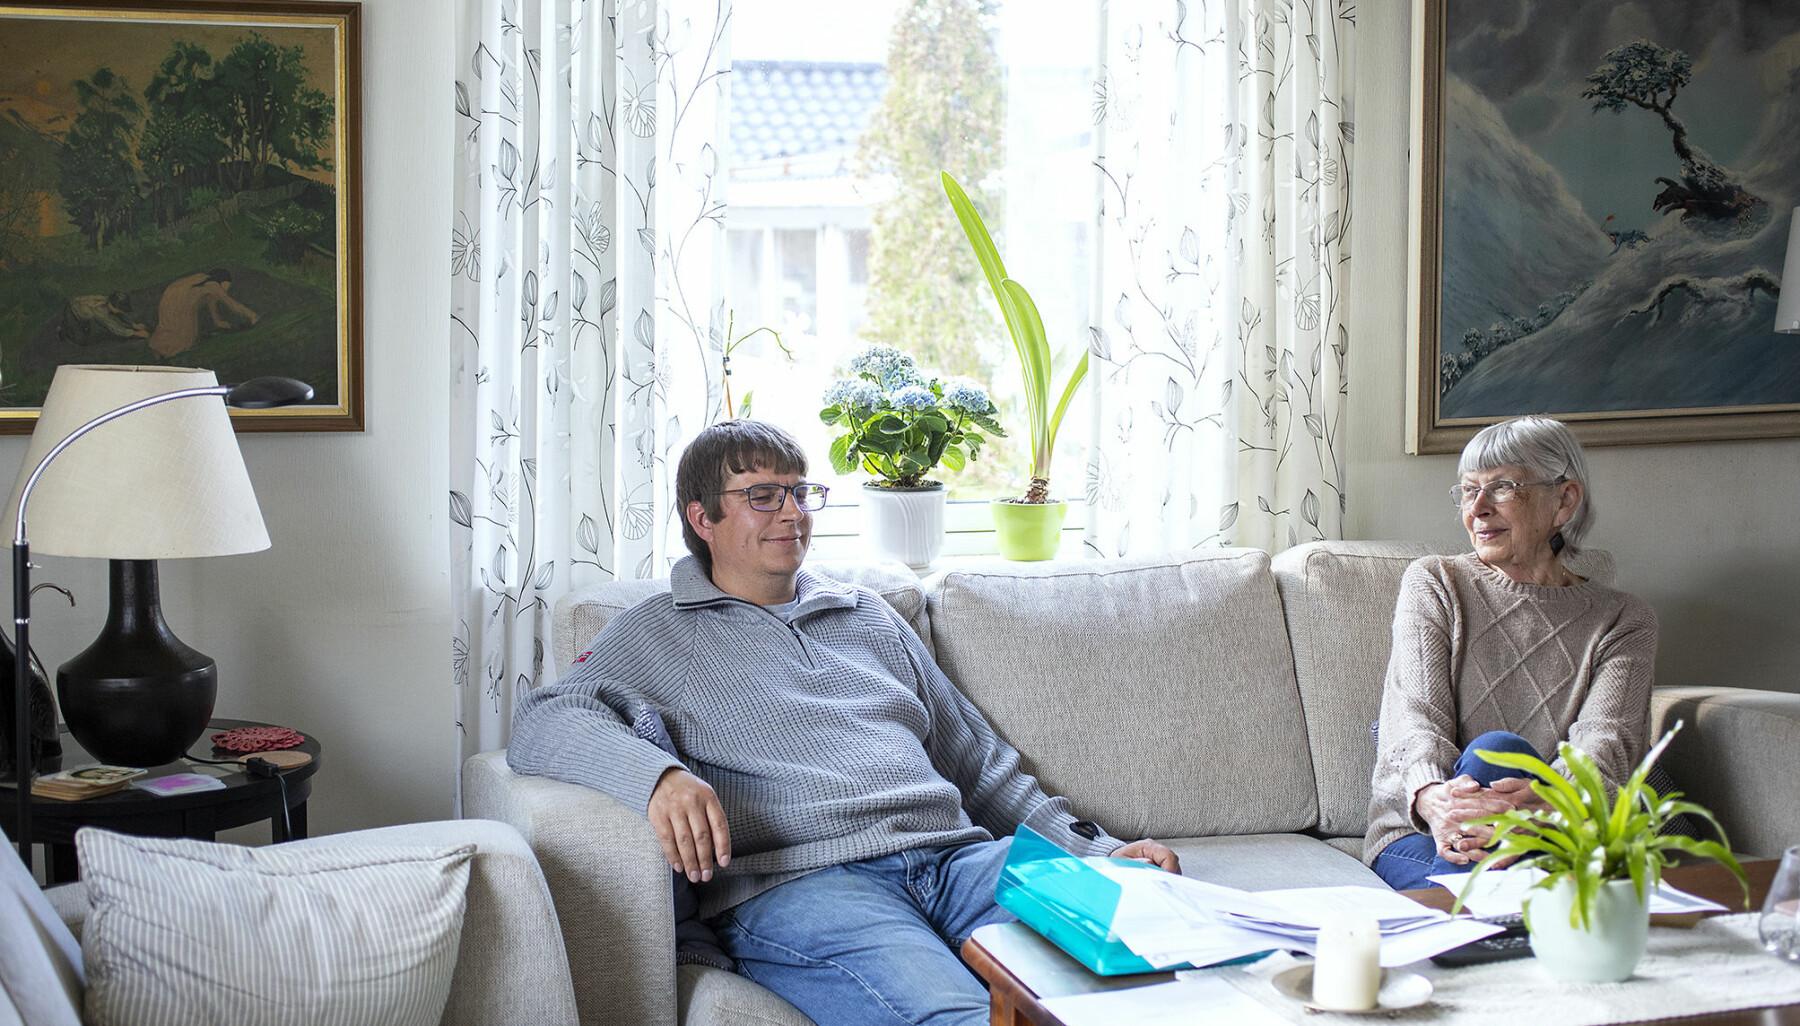 Det er mange år sidan Thomas Hellevang flytta heimefrå. Men no har han flytta inn hos mor Eva Hellevang - han veit ikkje når han kan rekna med å ha inntekt neste gong.